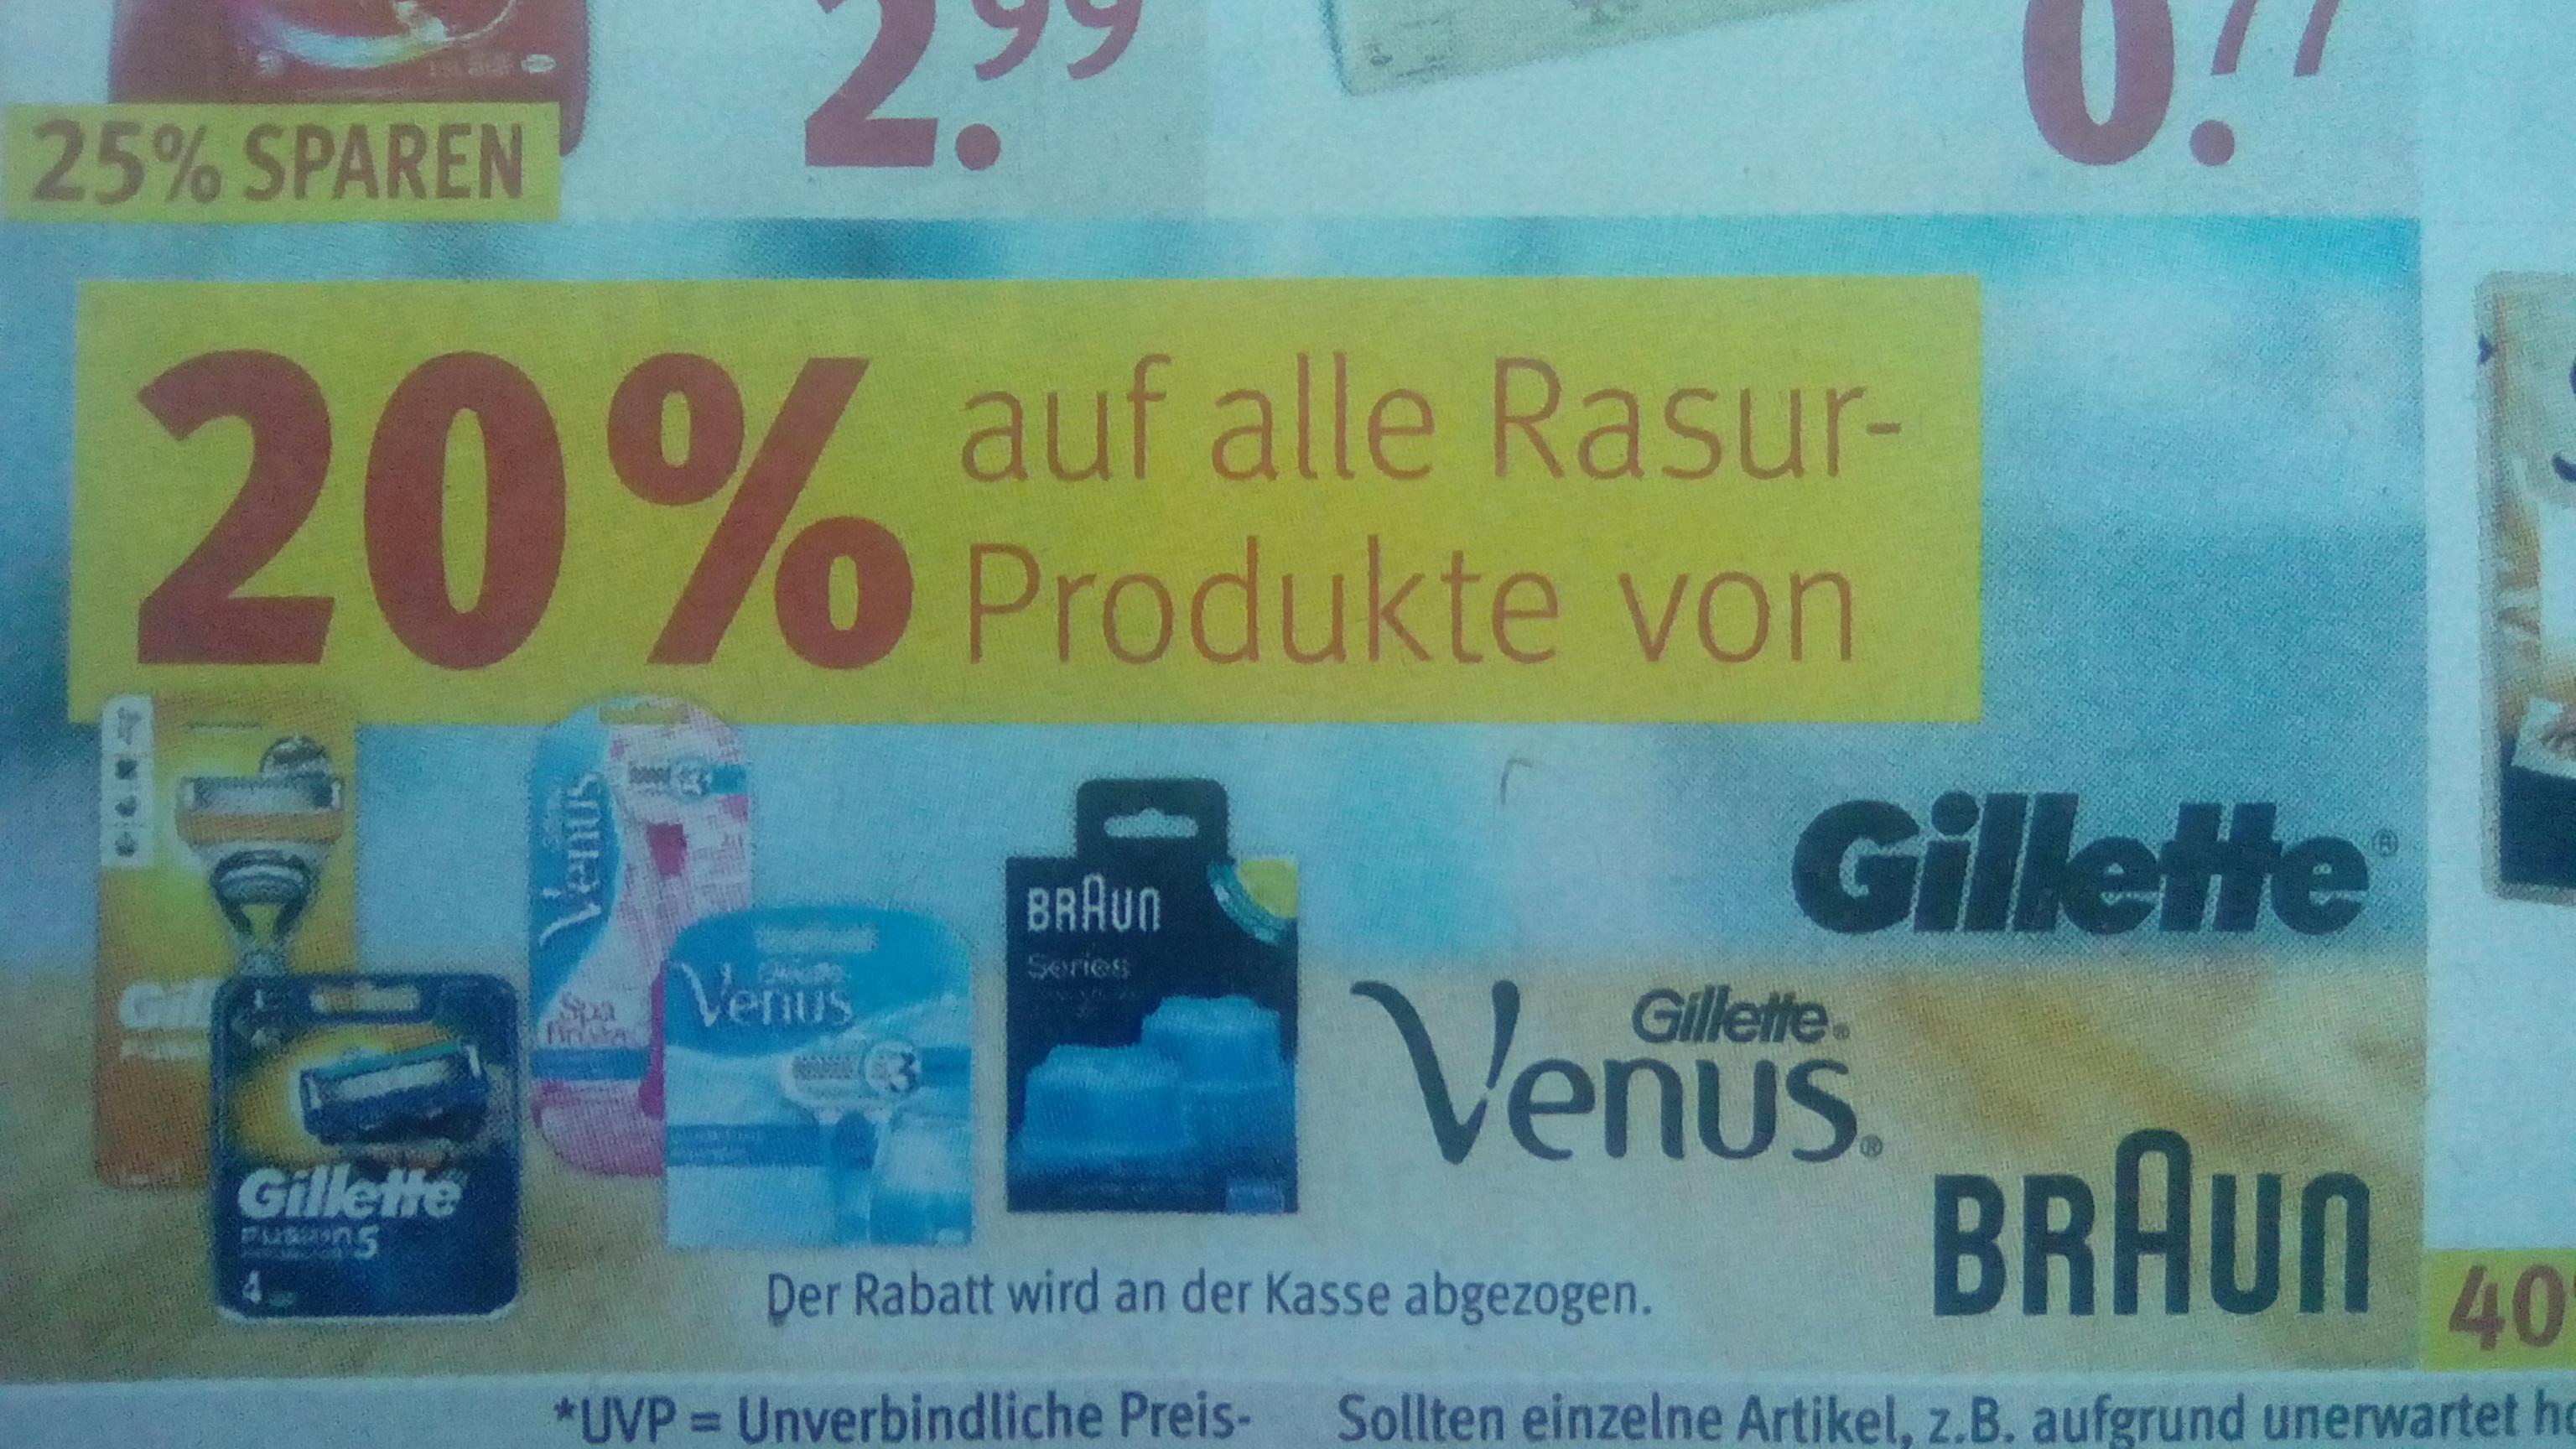 20% Rabatt auf Gillette, Braun und andere Rasurprodukte bei Rossmann [offline]